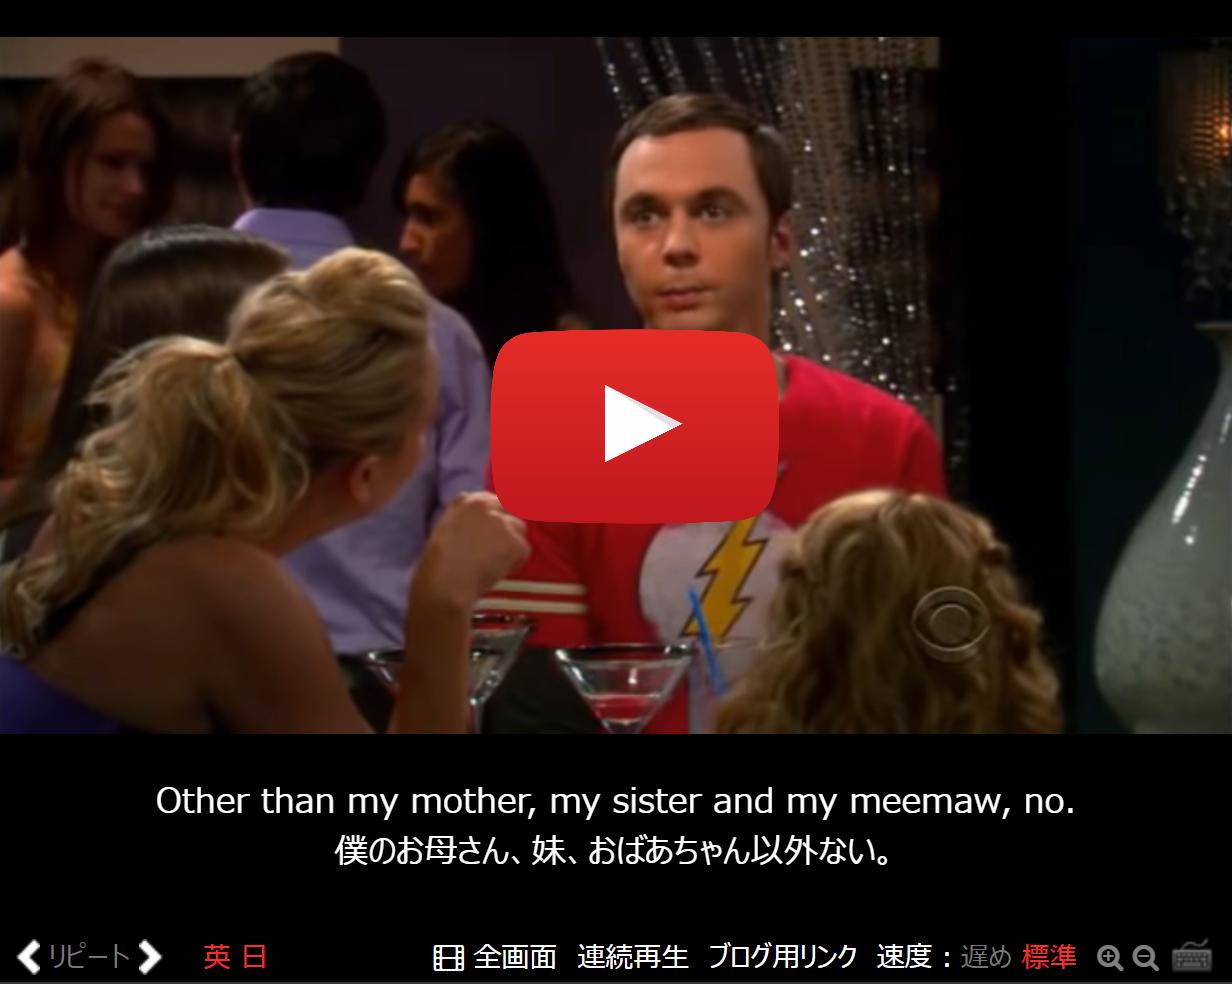 ビッグバンセオリー, The Big Bang Theory, おすすめ映画, アマゾンプライム, amazon prime